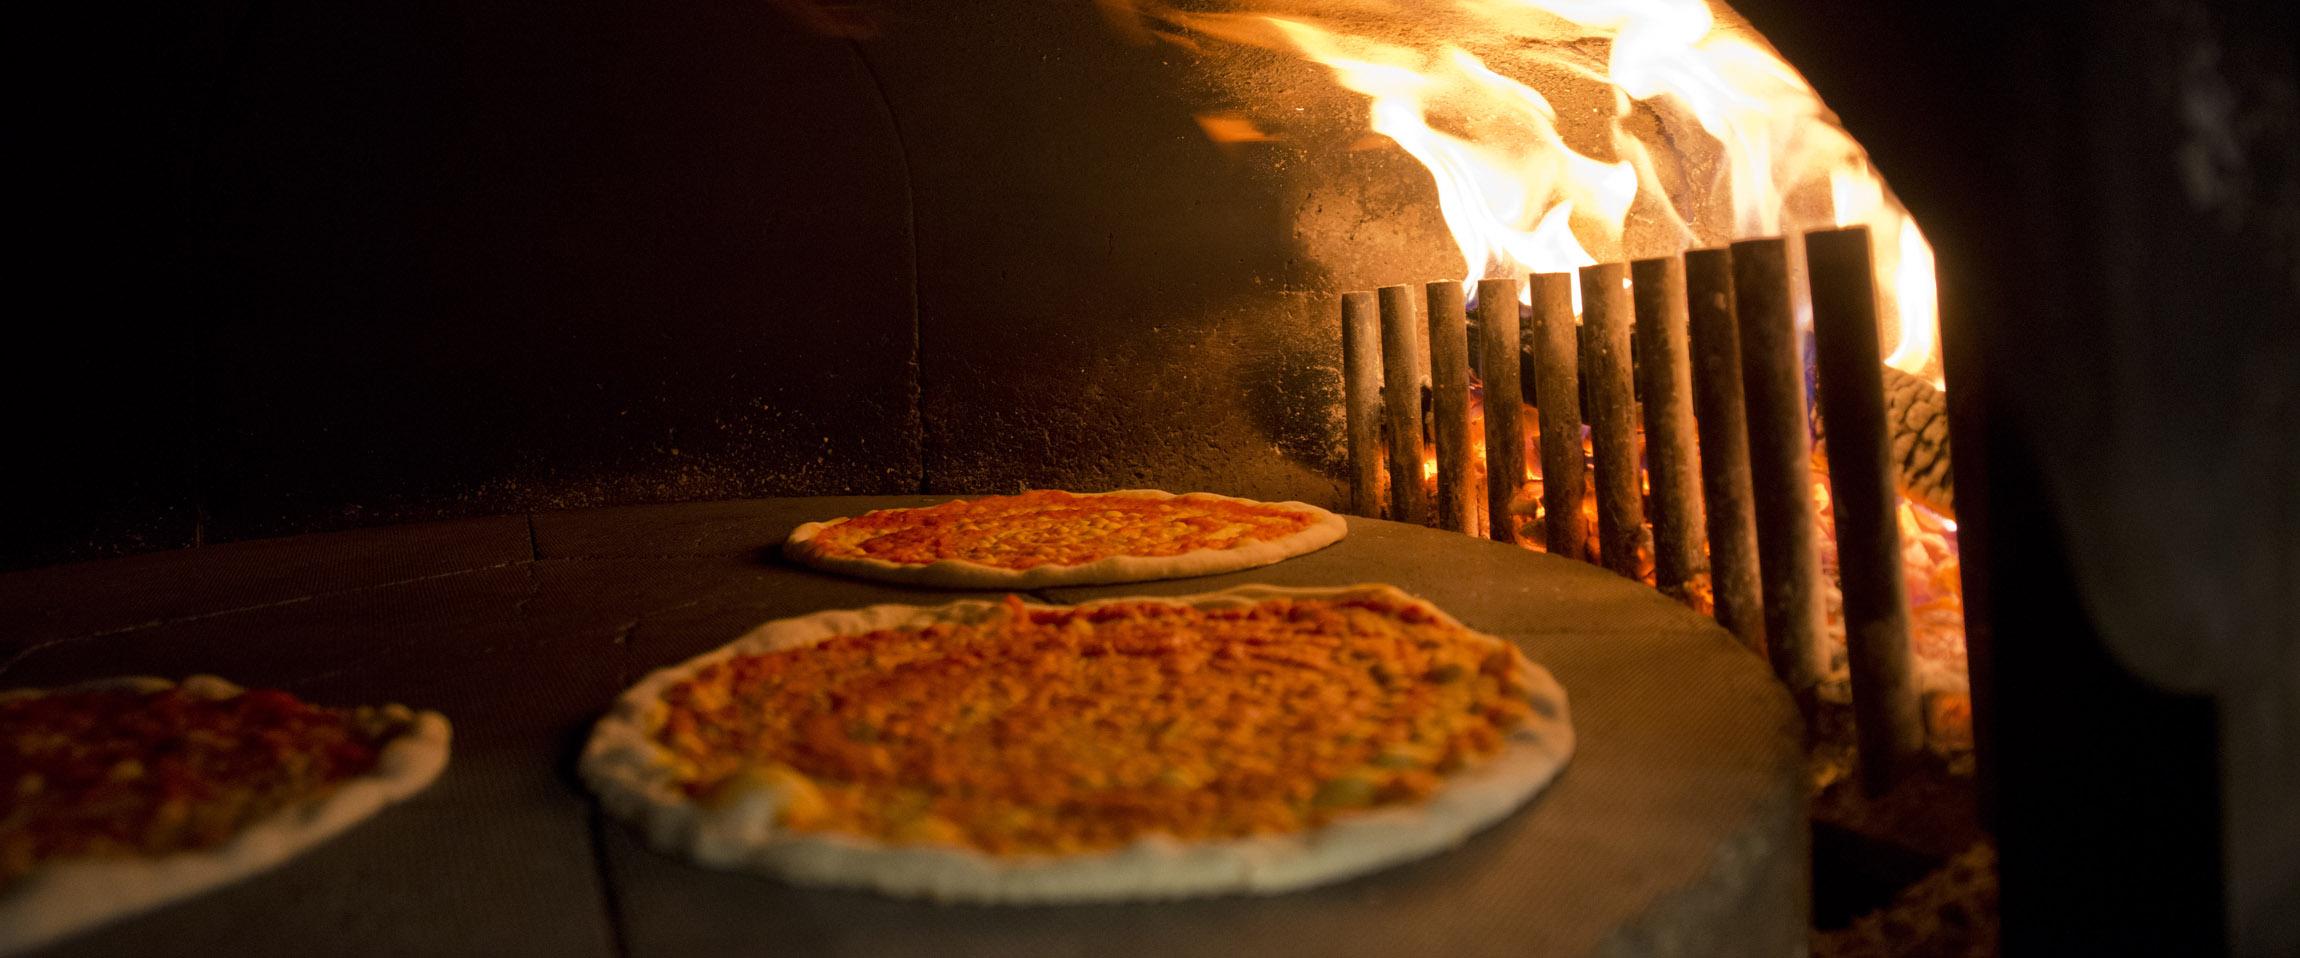 pizza-scuola-forno